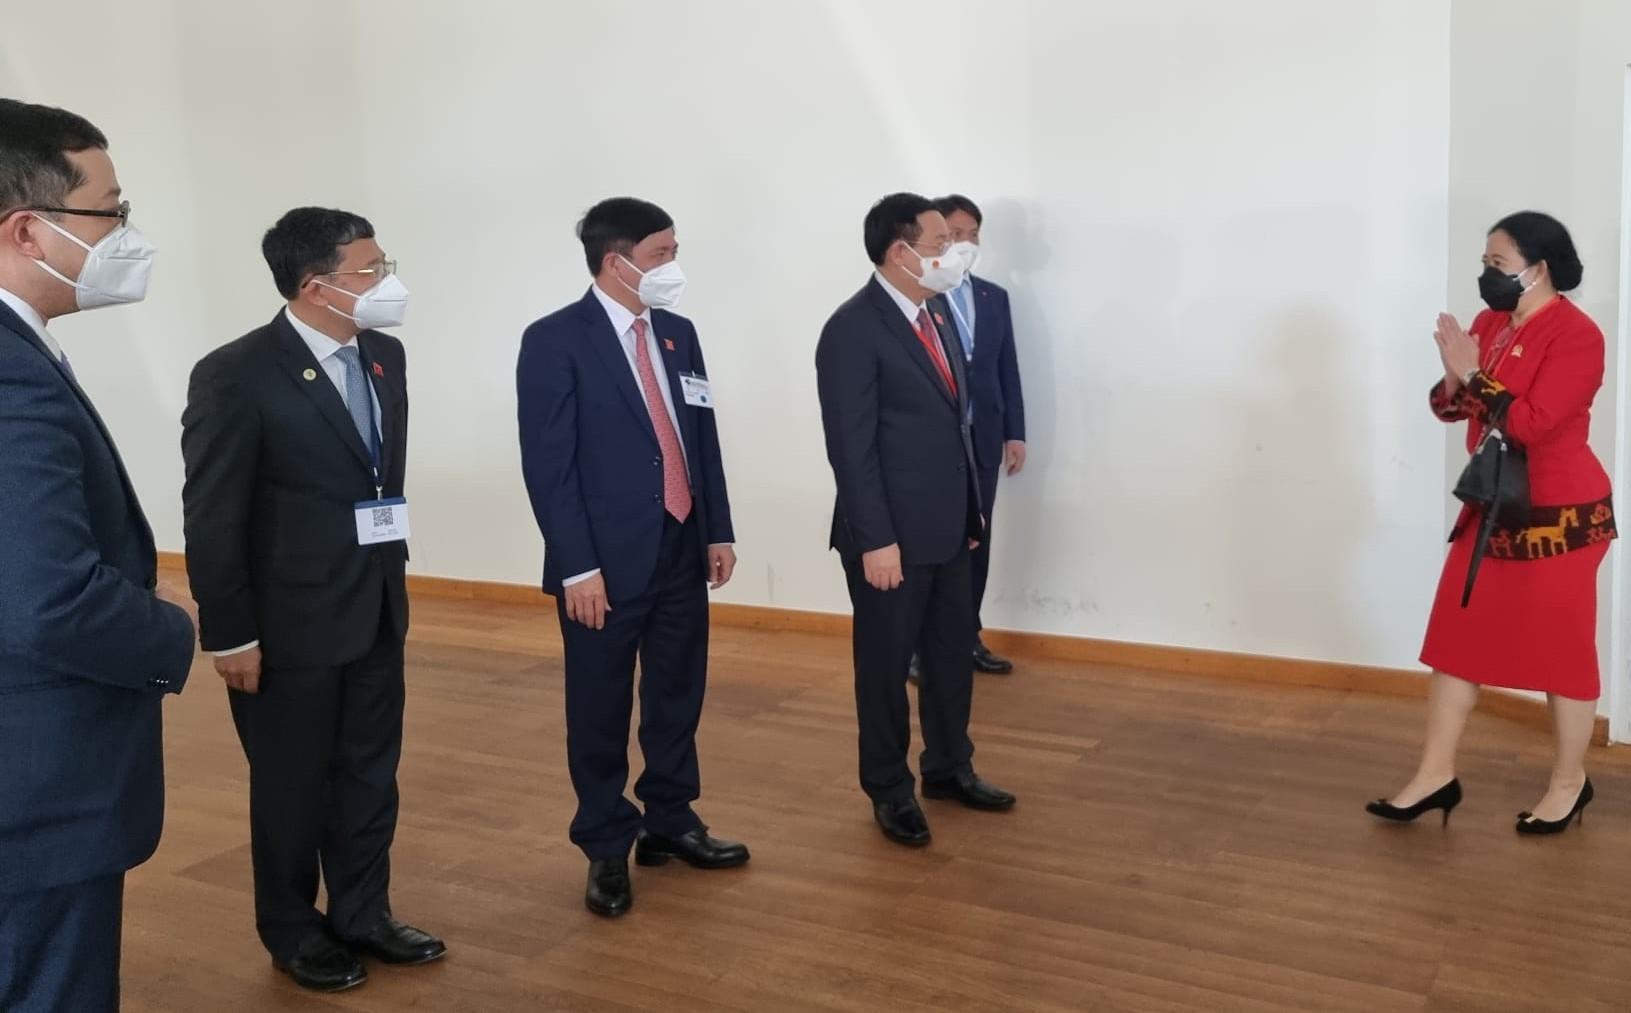 Puan, Ketua Parlemen Austria dan VietnamLakukan Pertemuan Bilateral